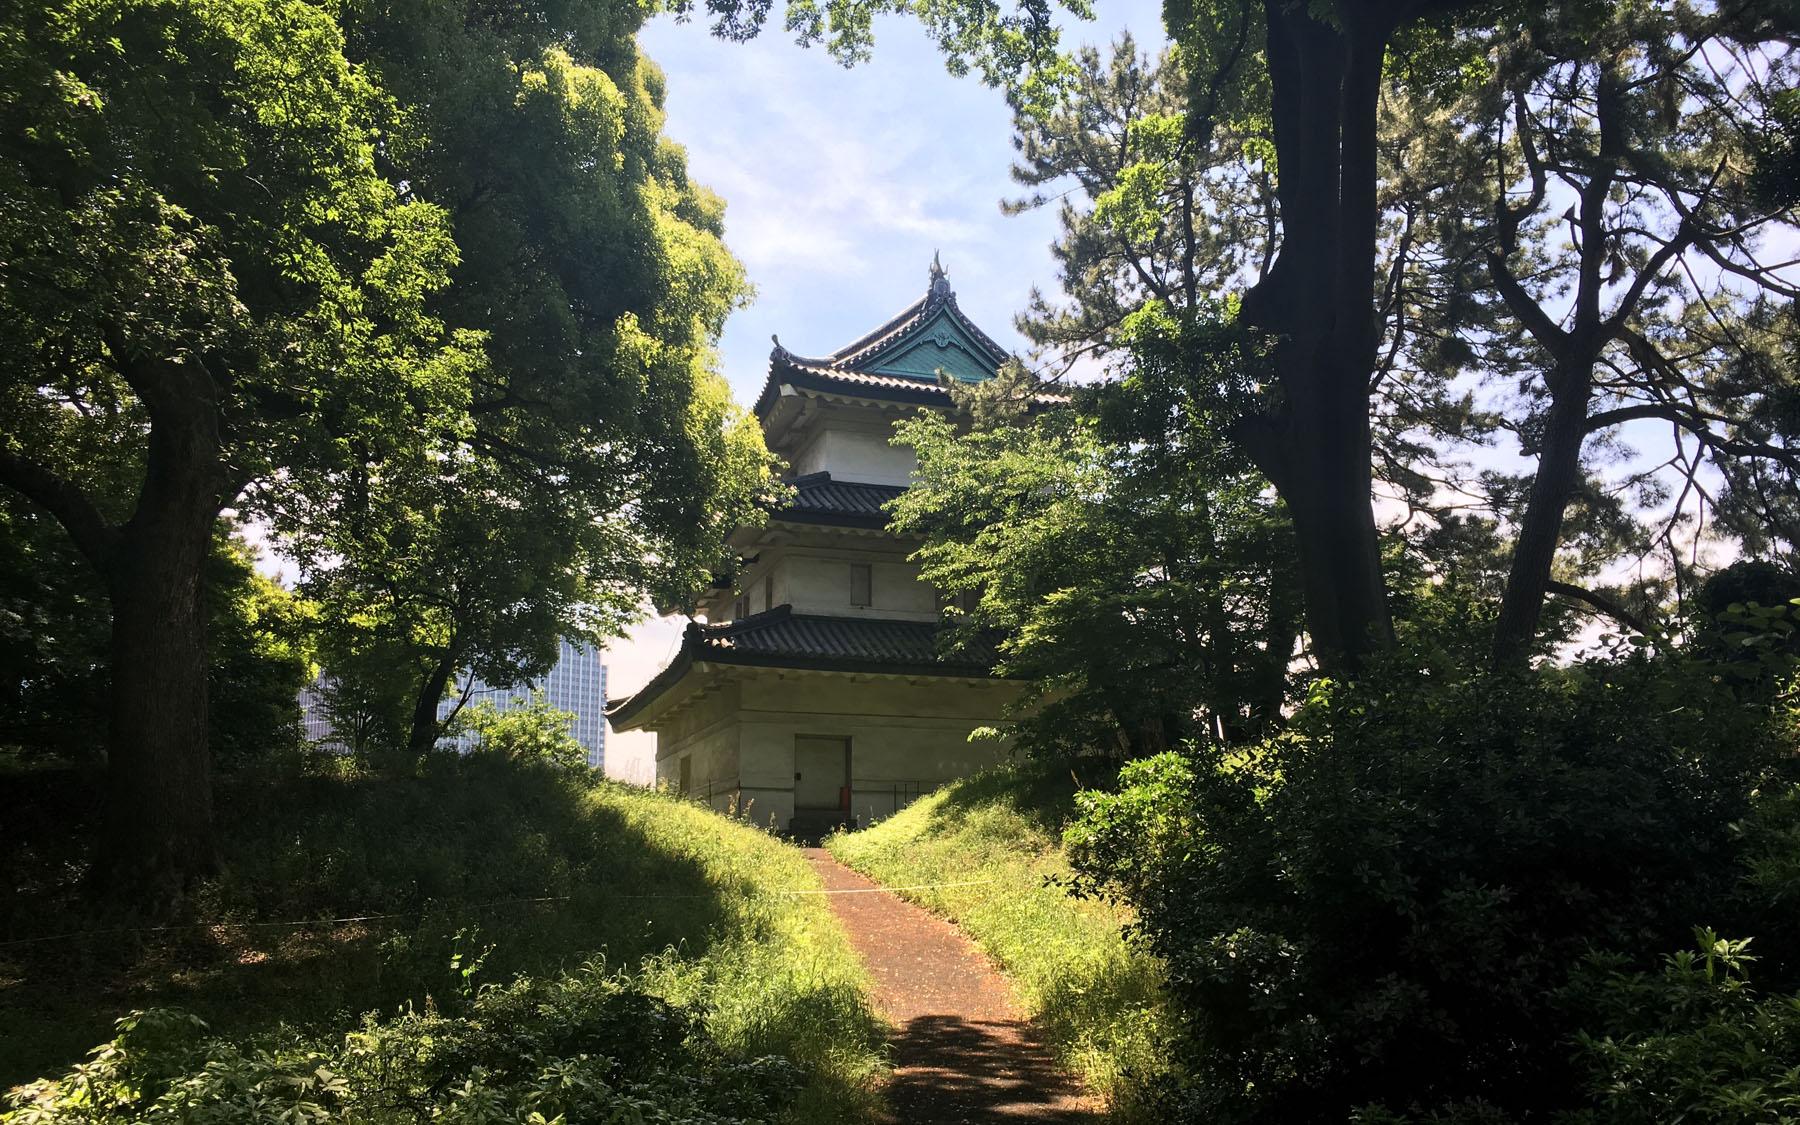 Fujimi-Yagura: Mt. Fuji-View Keep